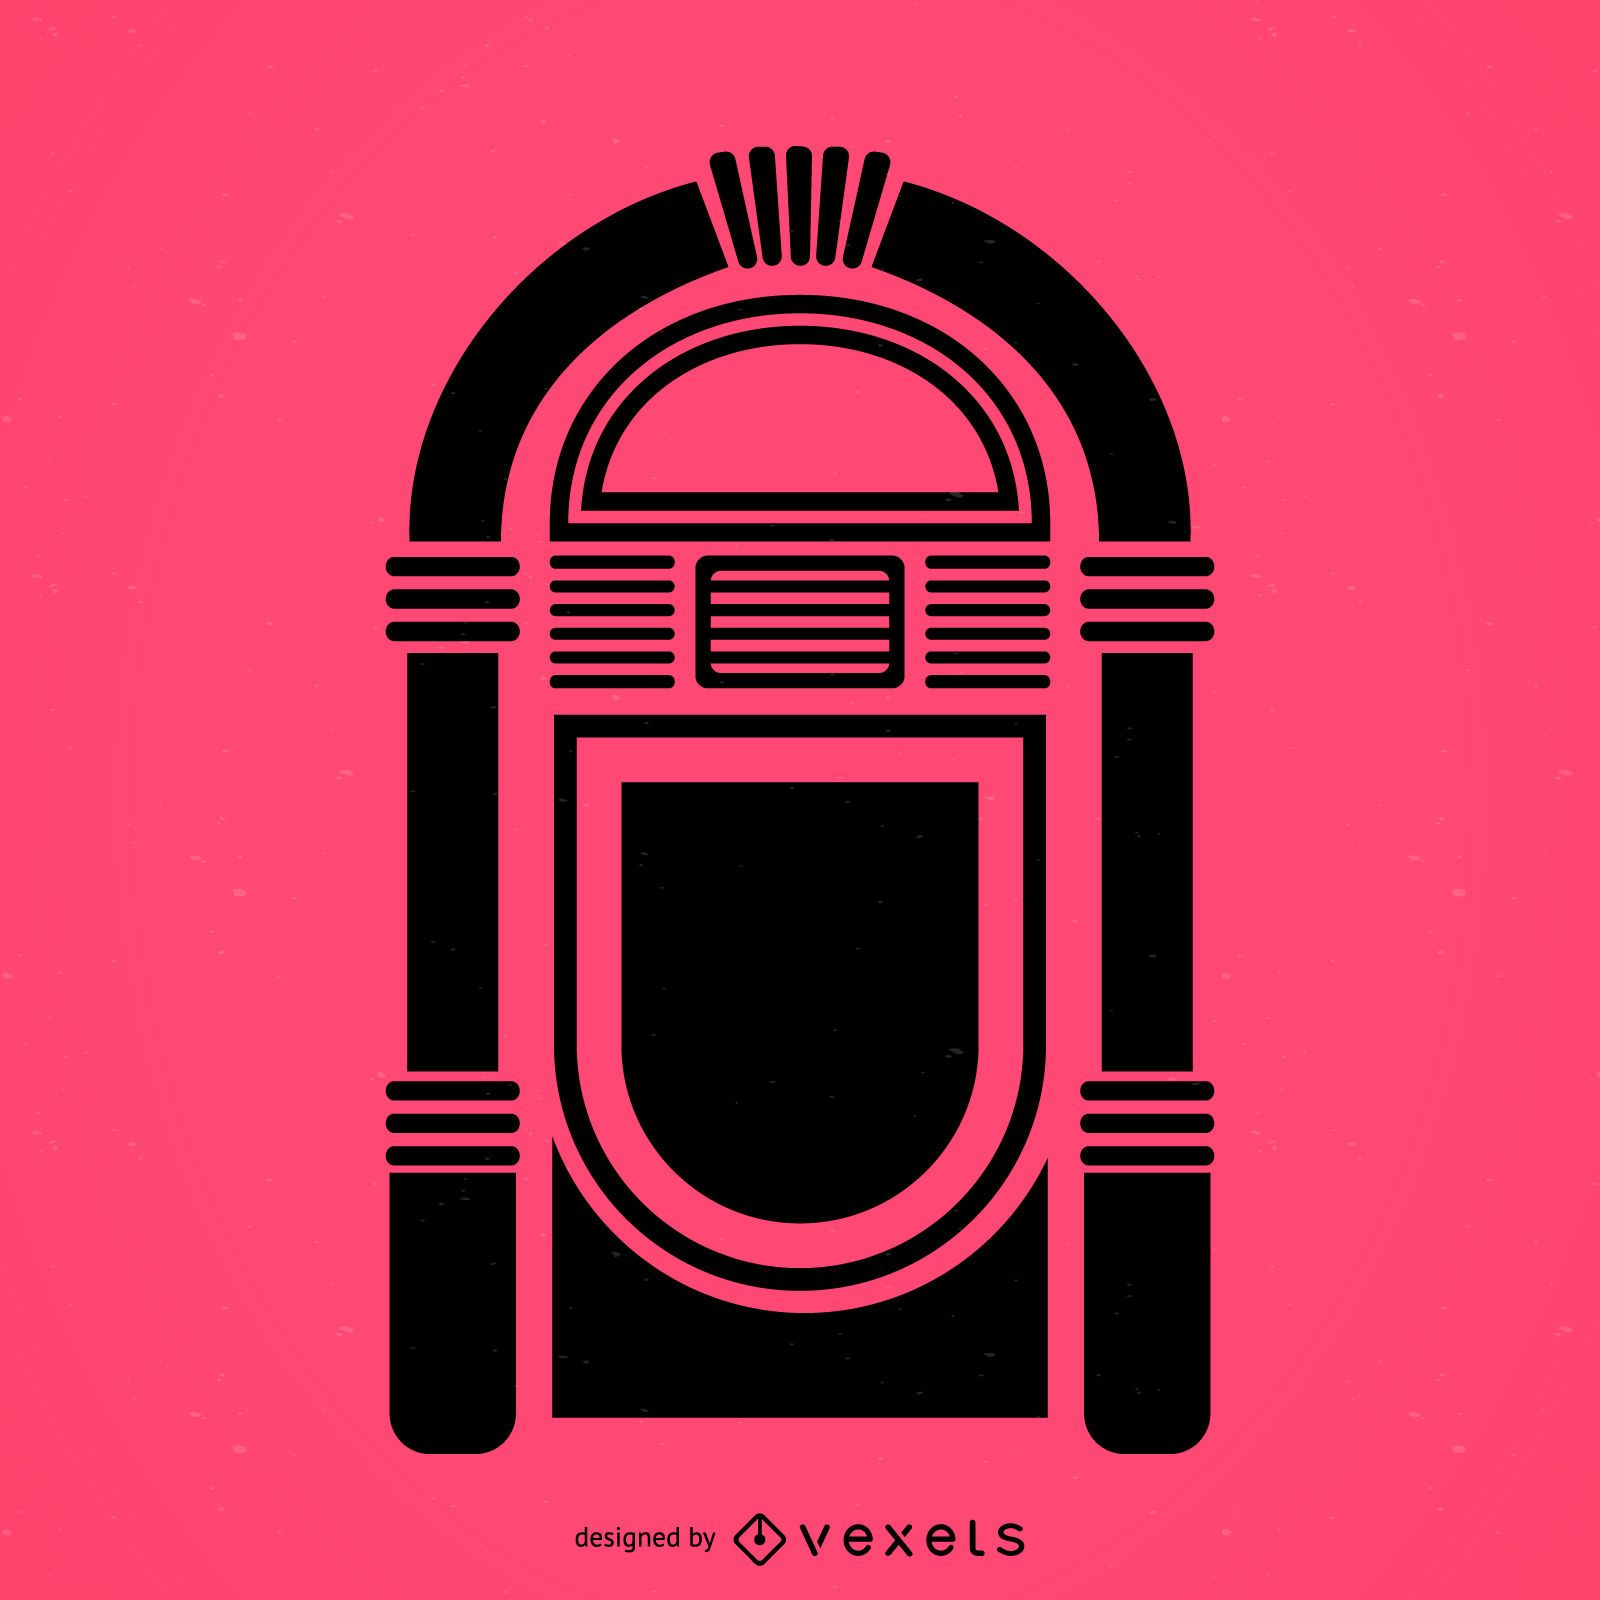 Musical jukebox flat icon